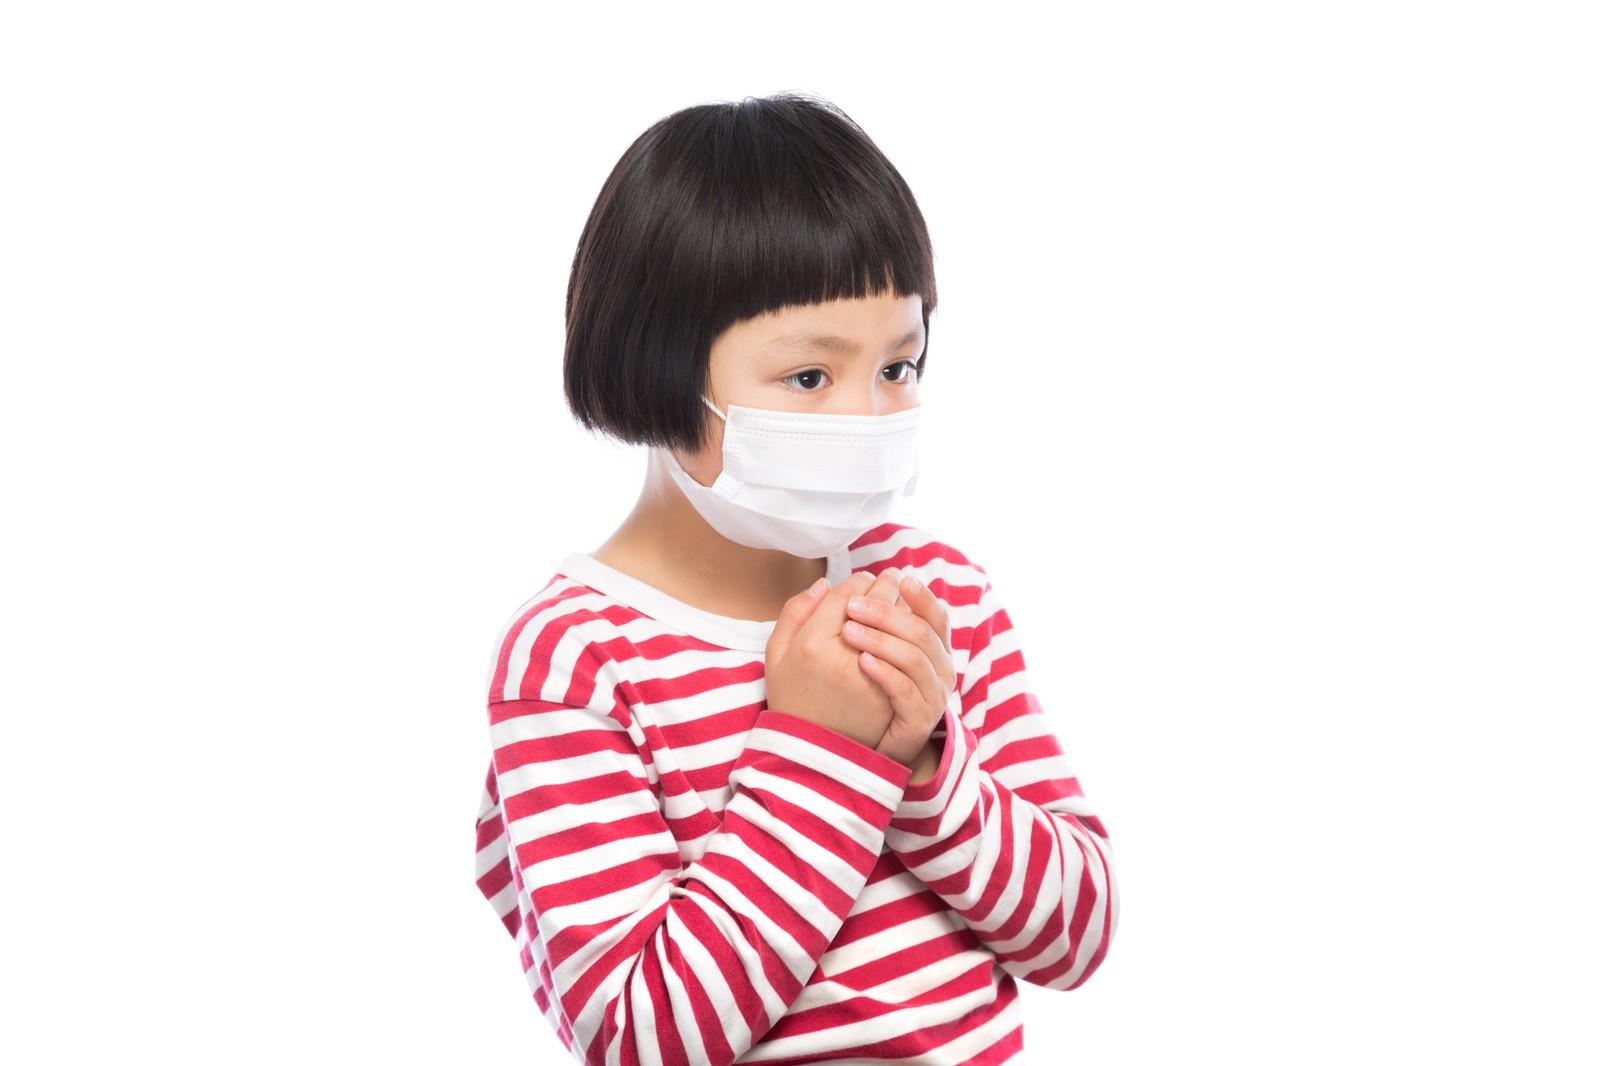 夏風邪が長引く・子供が引きやすい理由とは?驚きの原因!